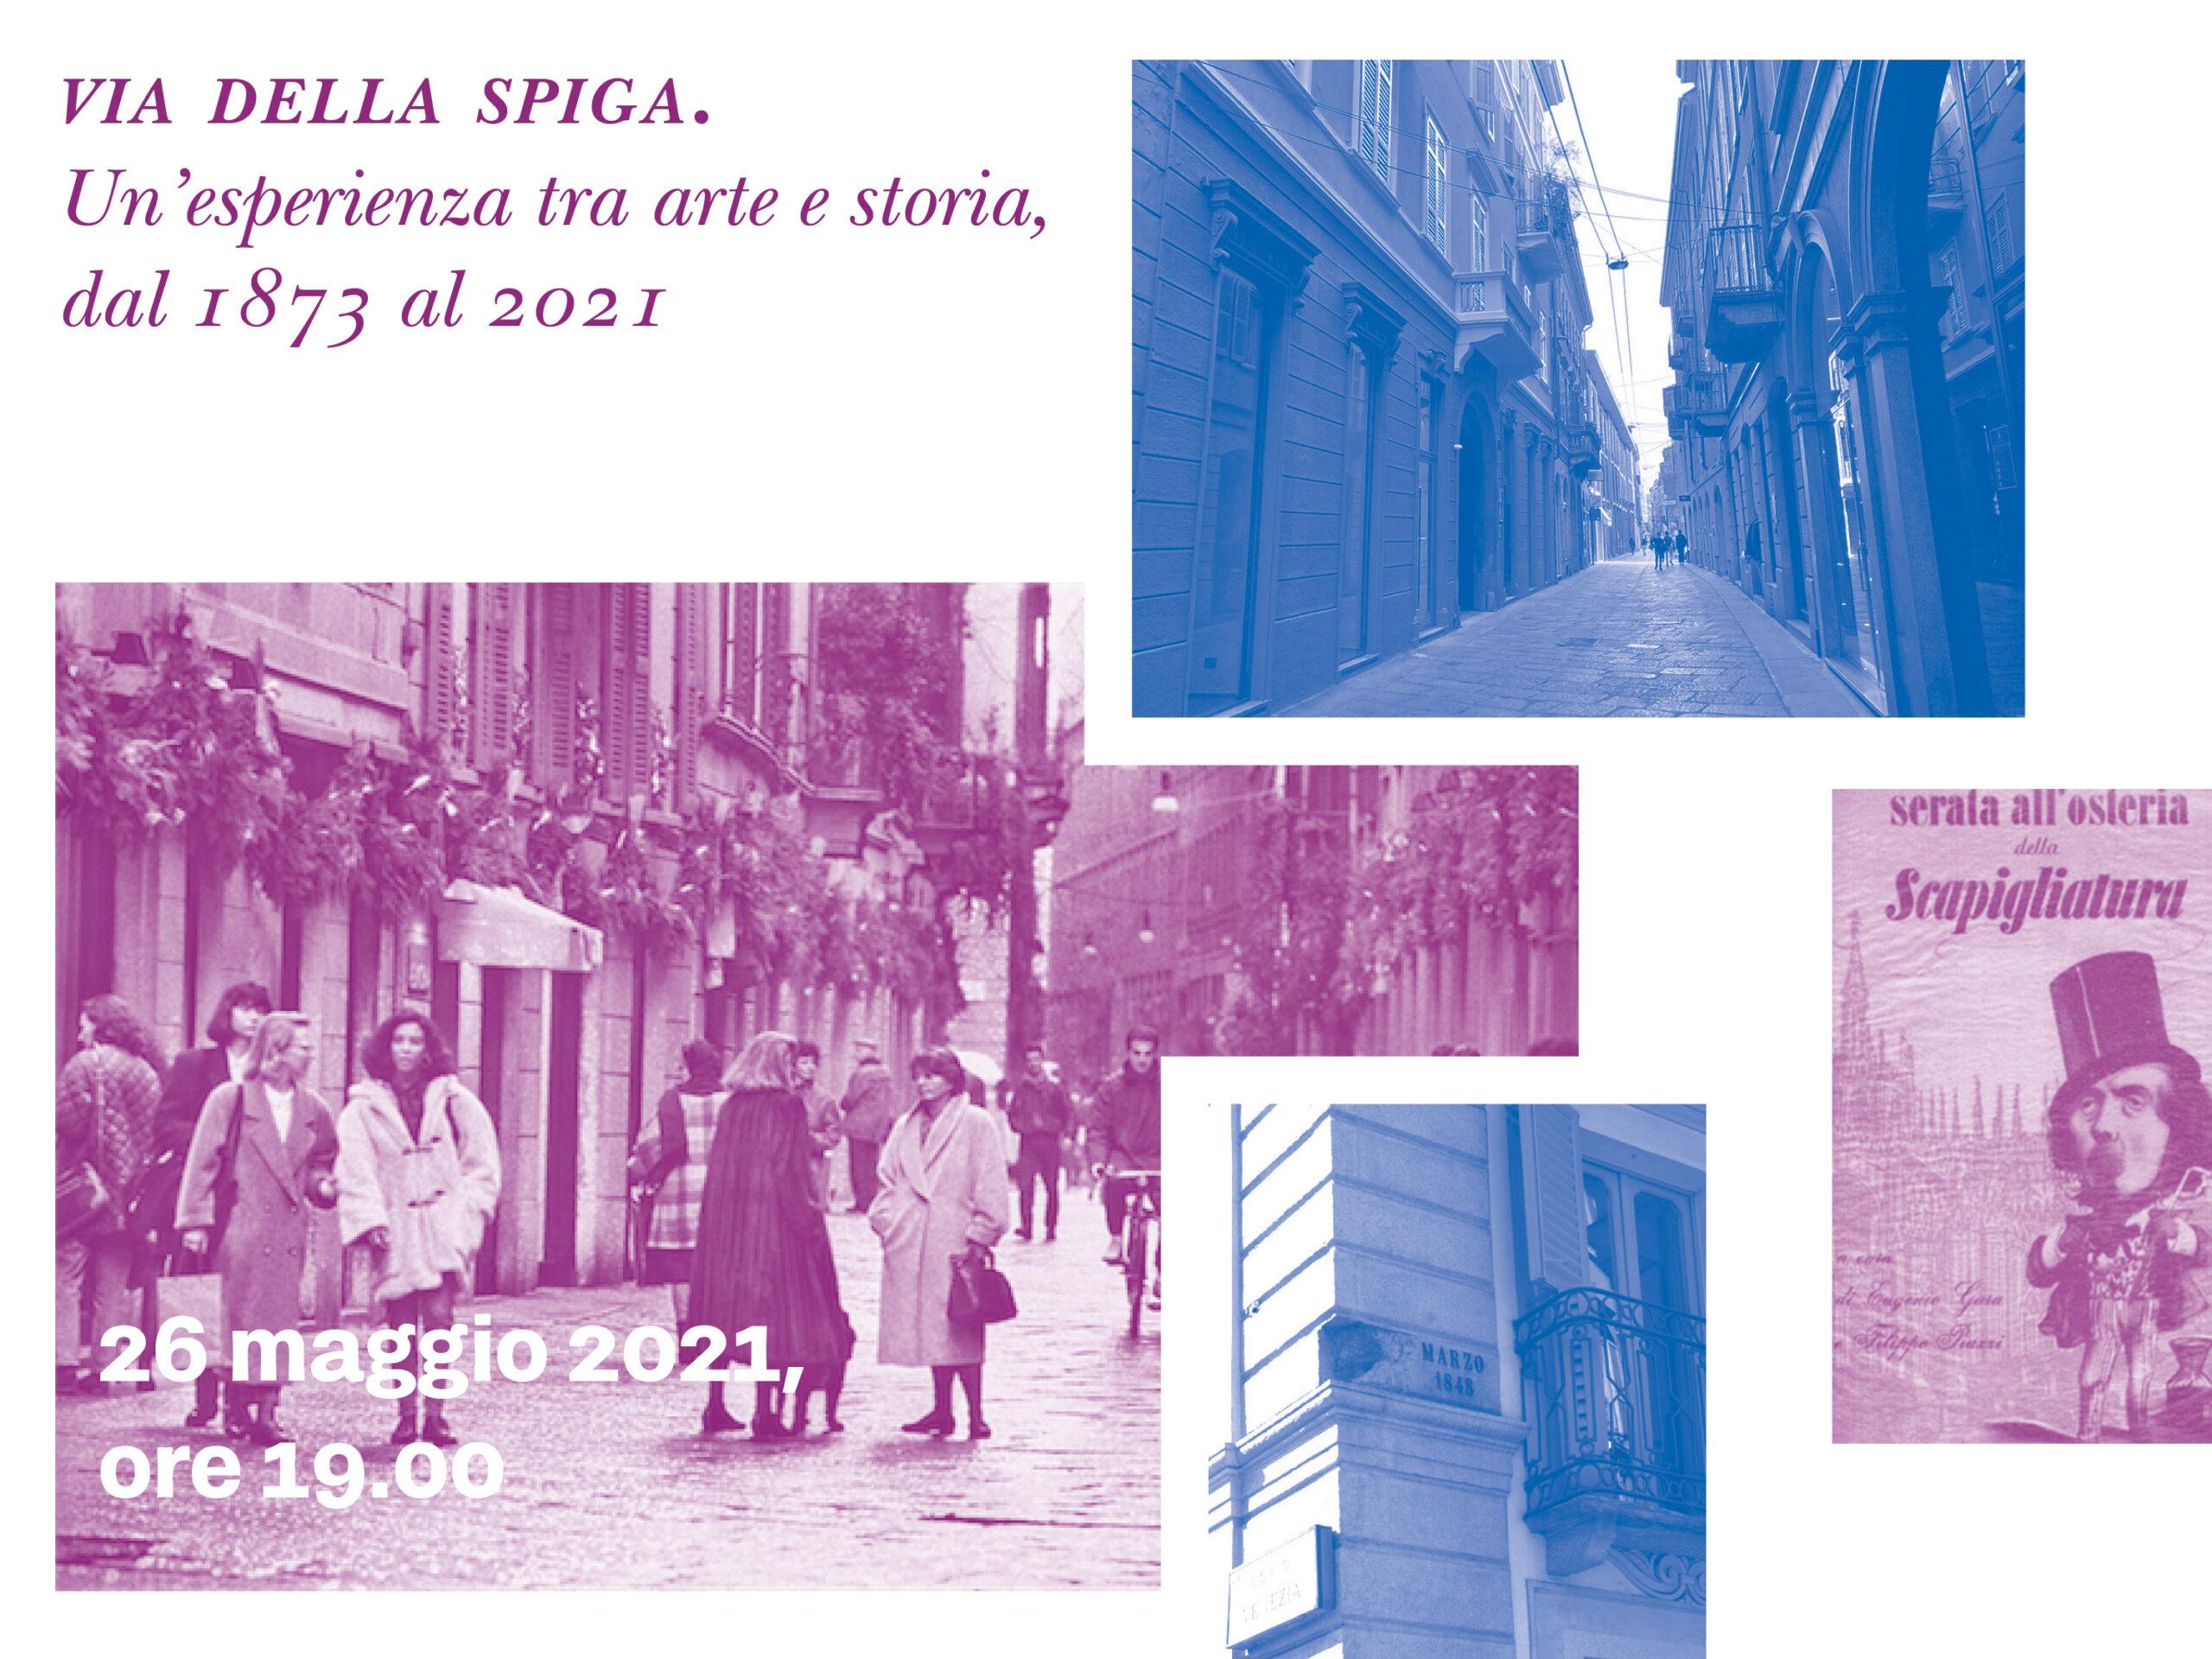 VIA DELLA SPIGA. UN'ESPERIENZA TRA ARTE E STORIA, DAL 1873 AL 2021